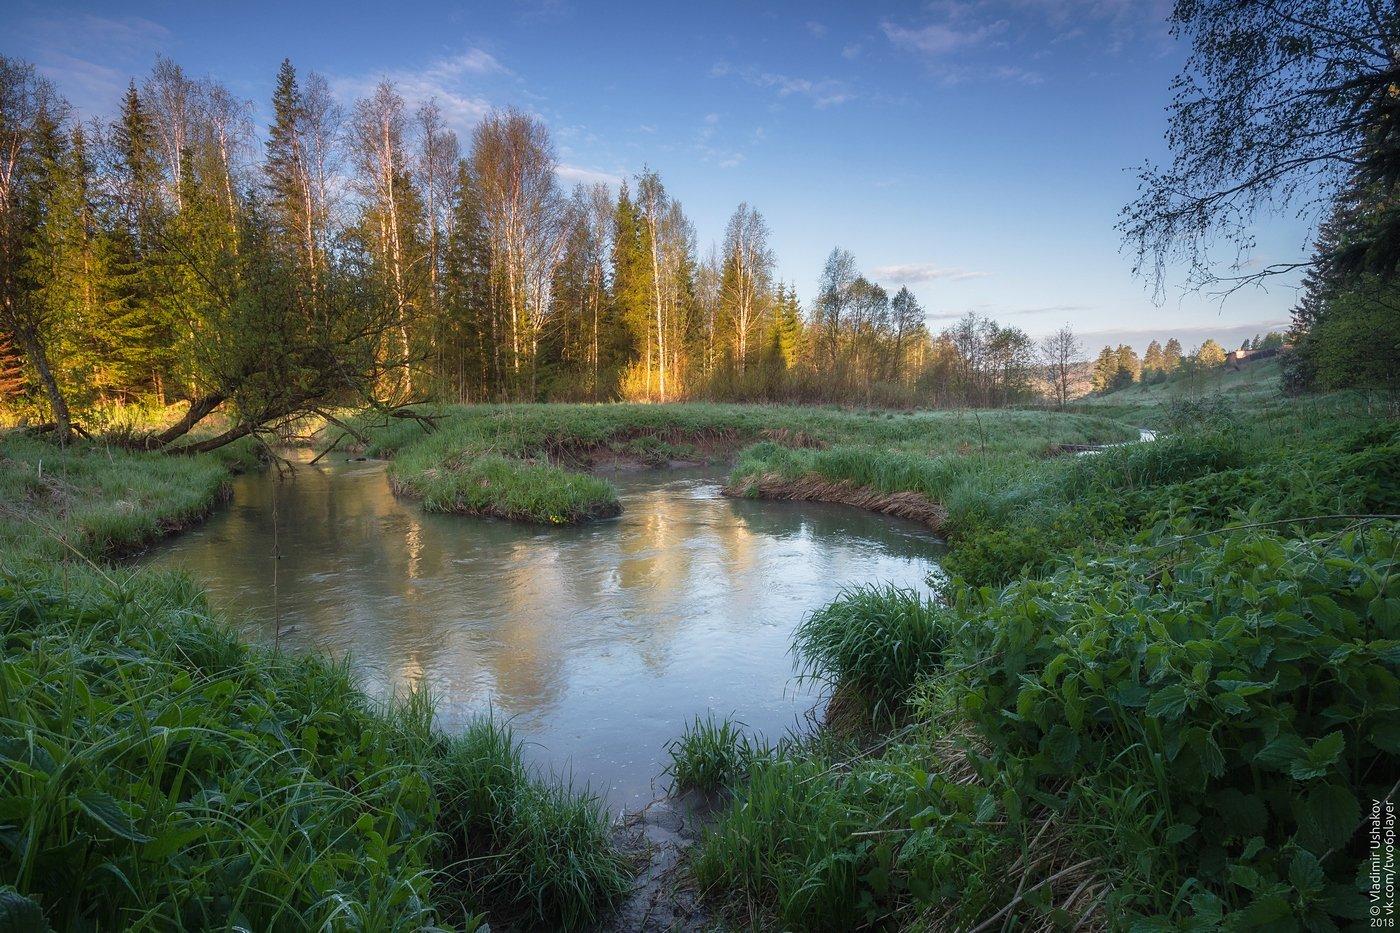 утро, рассвет, река, волим, лето, пермский край, Владимир Ушаков